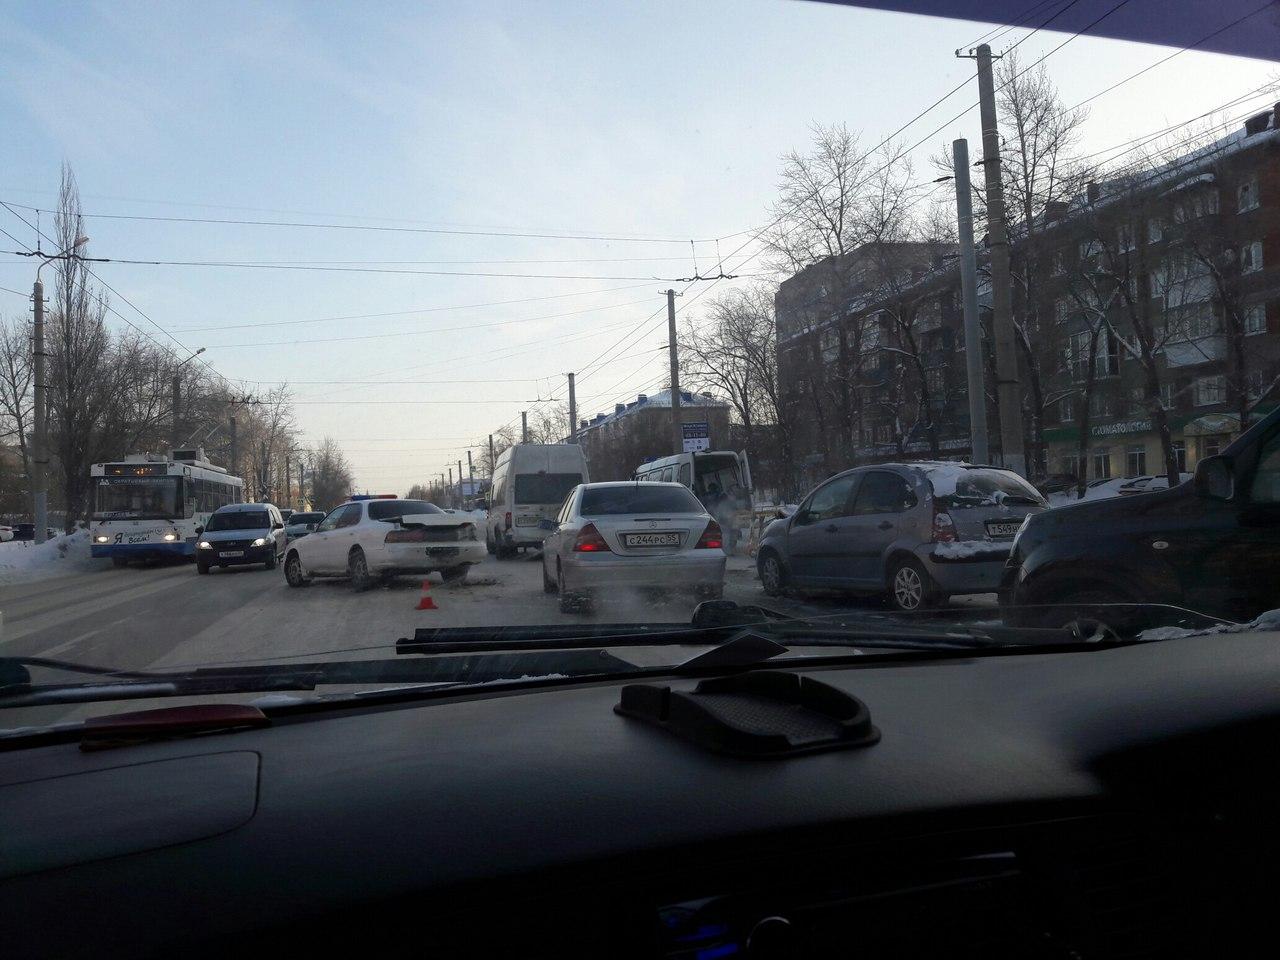 Втройном ДТП вОмске пострадал весь экипаж машины скорой помощи